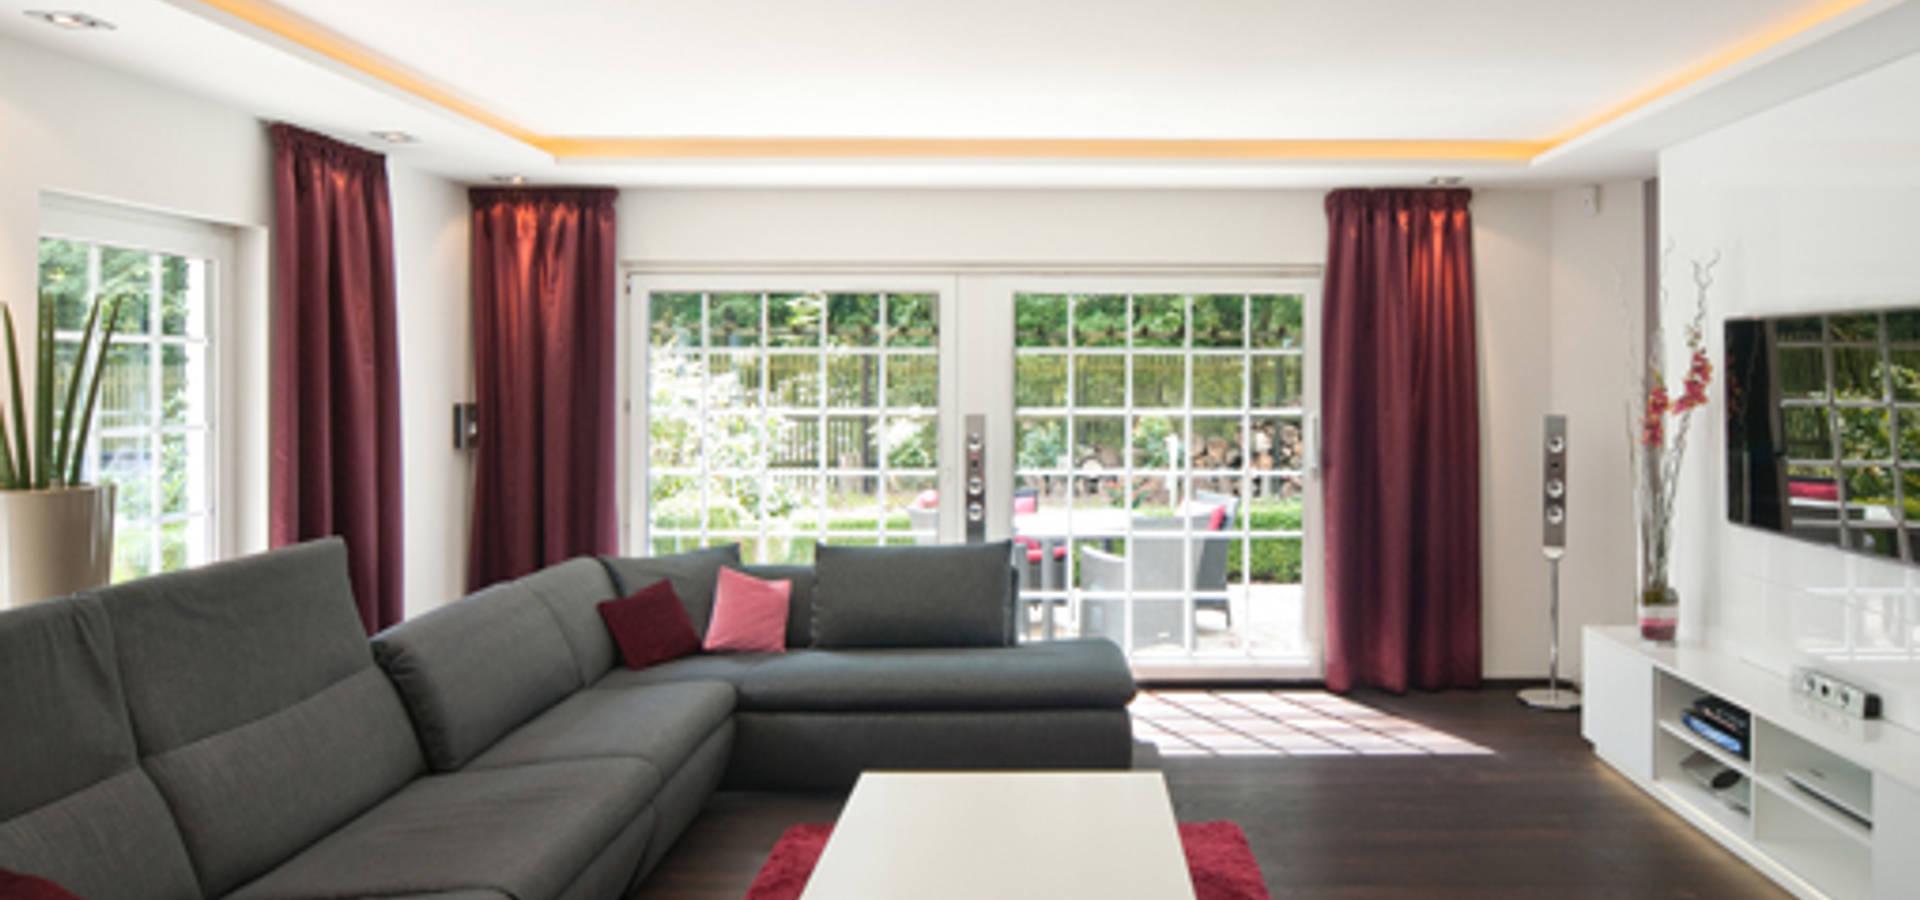 wohnhaus im landkreis leipzig von jacqueline fox freie innenarchitektin homify. Black Bedroom Furniture Sets. Home Design Ideas